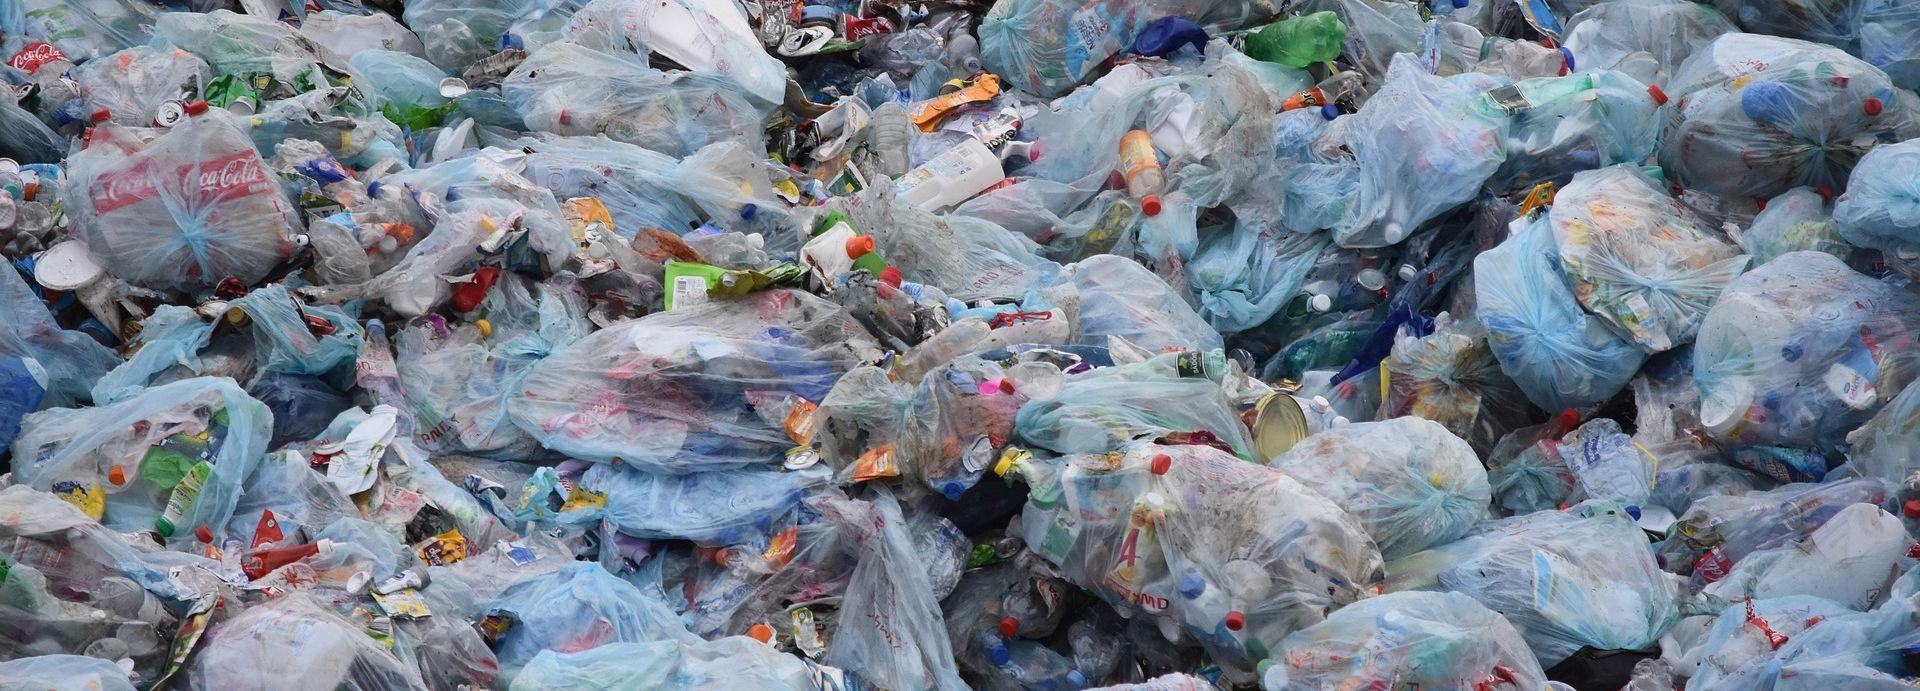 Komisija predlaže zabranu jednokratnih plastičnih proizvoda